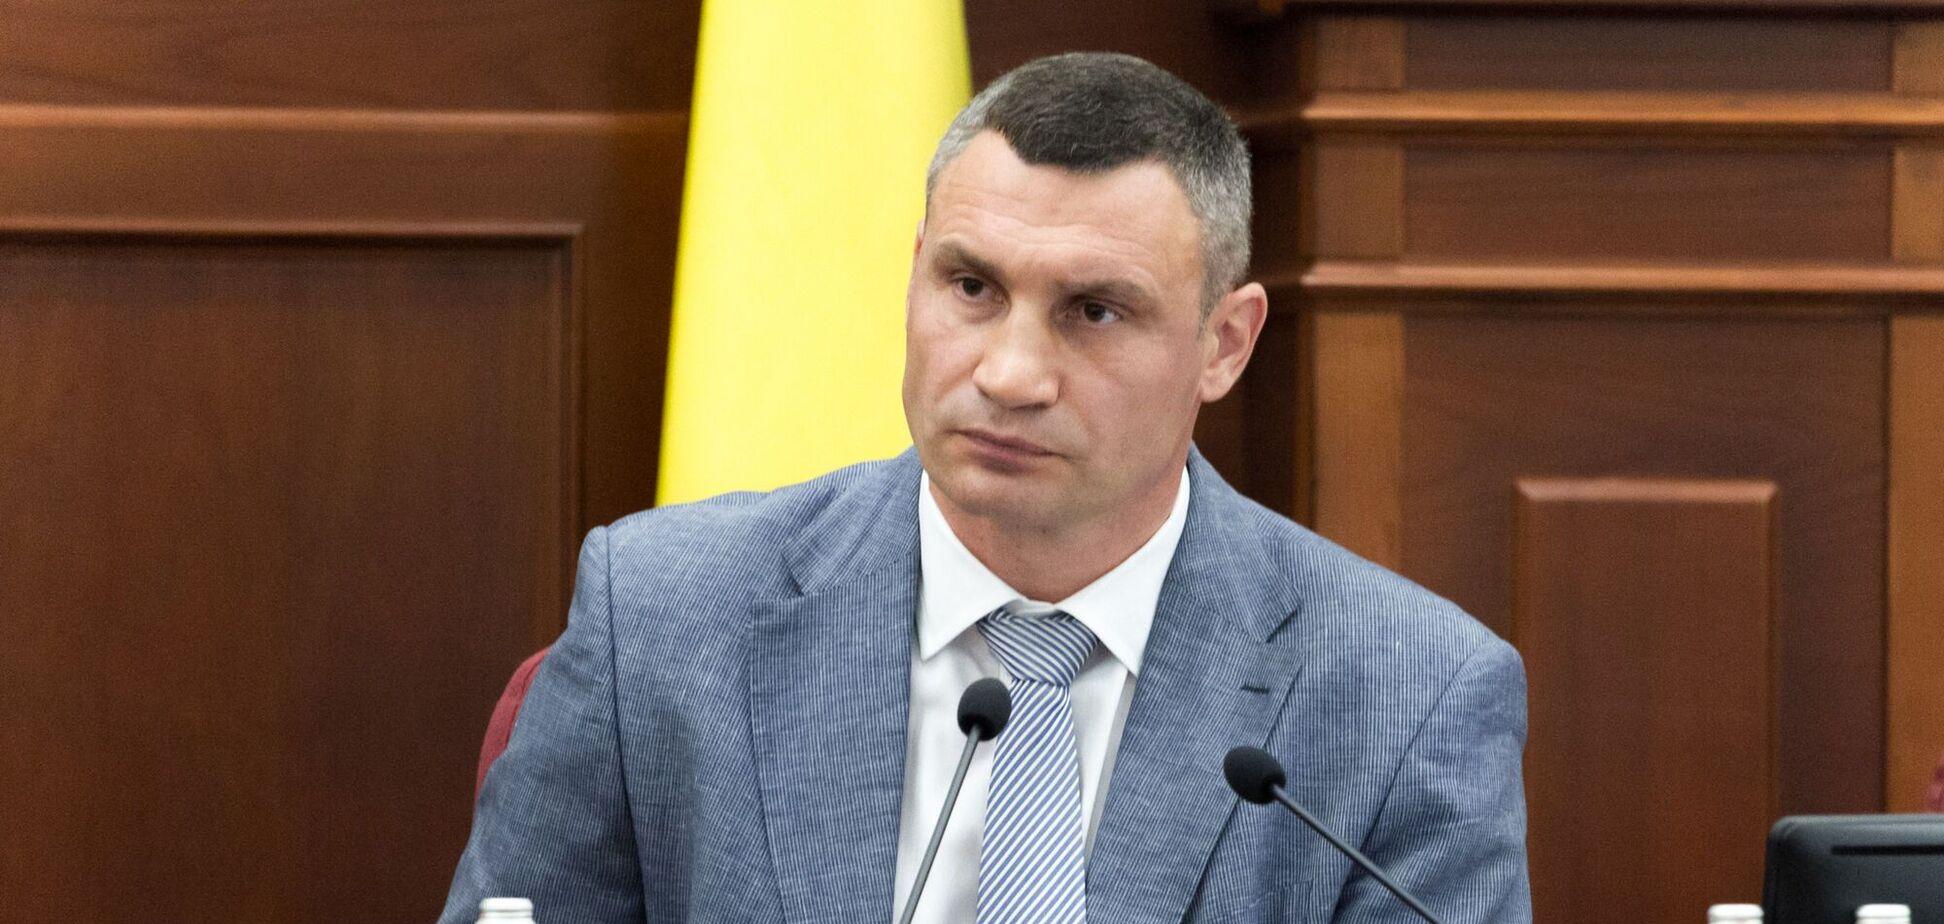 Кличко рассказал, сколько средств бюджет Киева потерял из-за карантина